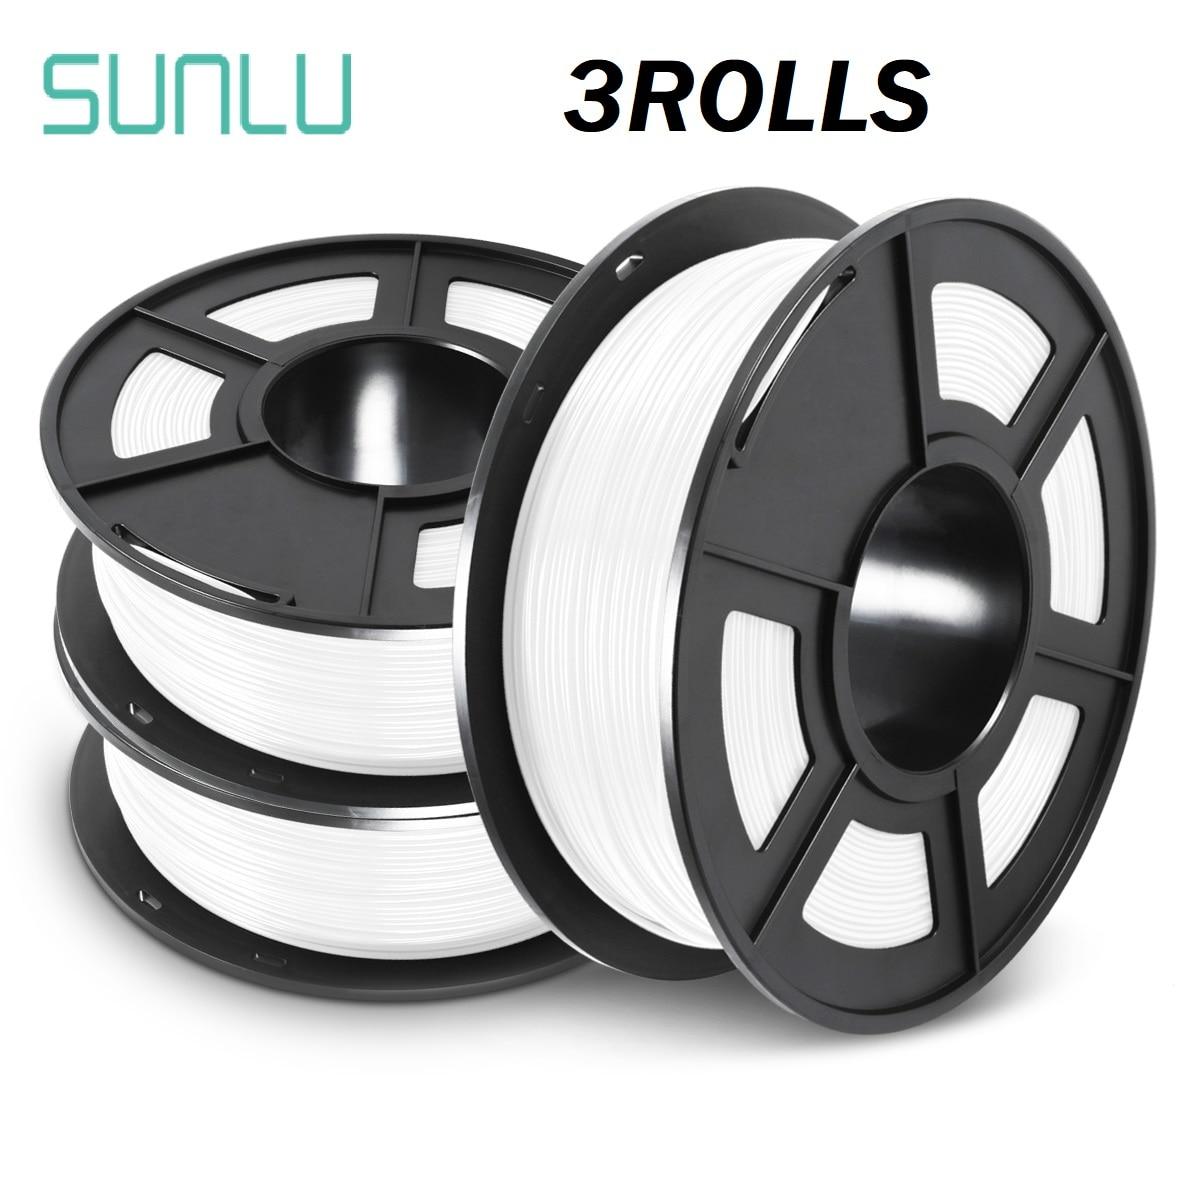 SUNLU-خيوط للطابعة ثلاثية الأبعاد ، مادة مستهلكة ، صلابة جيدة ، PETG ، 1 كجم مع بكرة ، عاكس الضوء ، 1.75 مللي متر ، petg